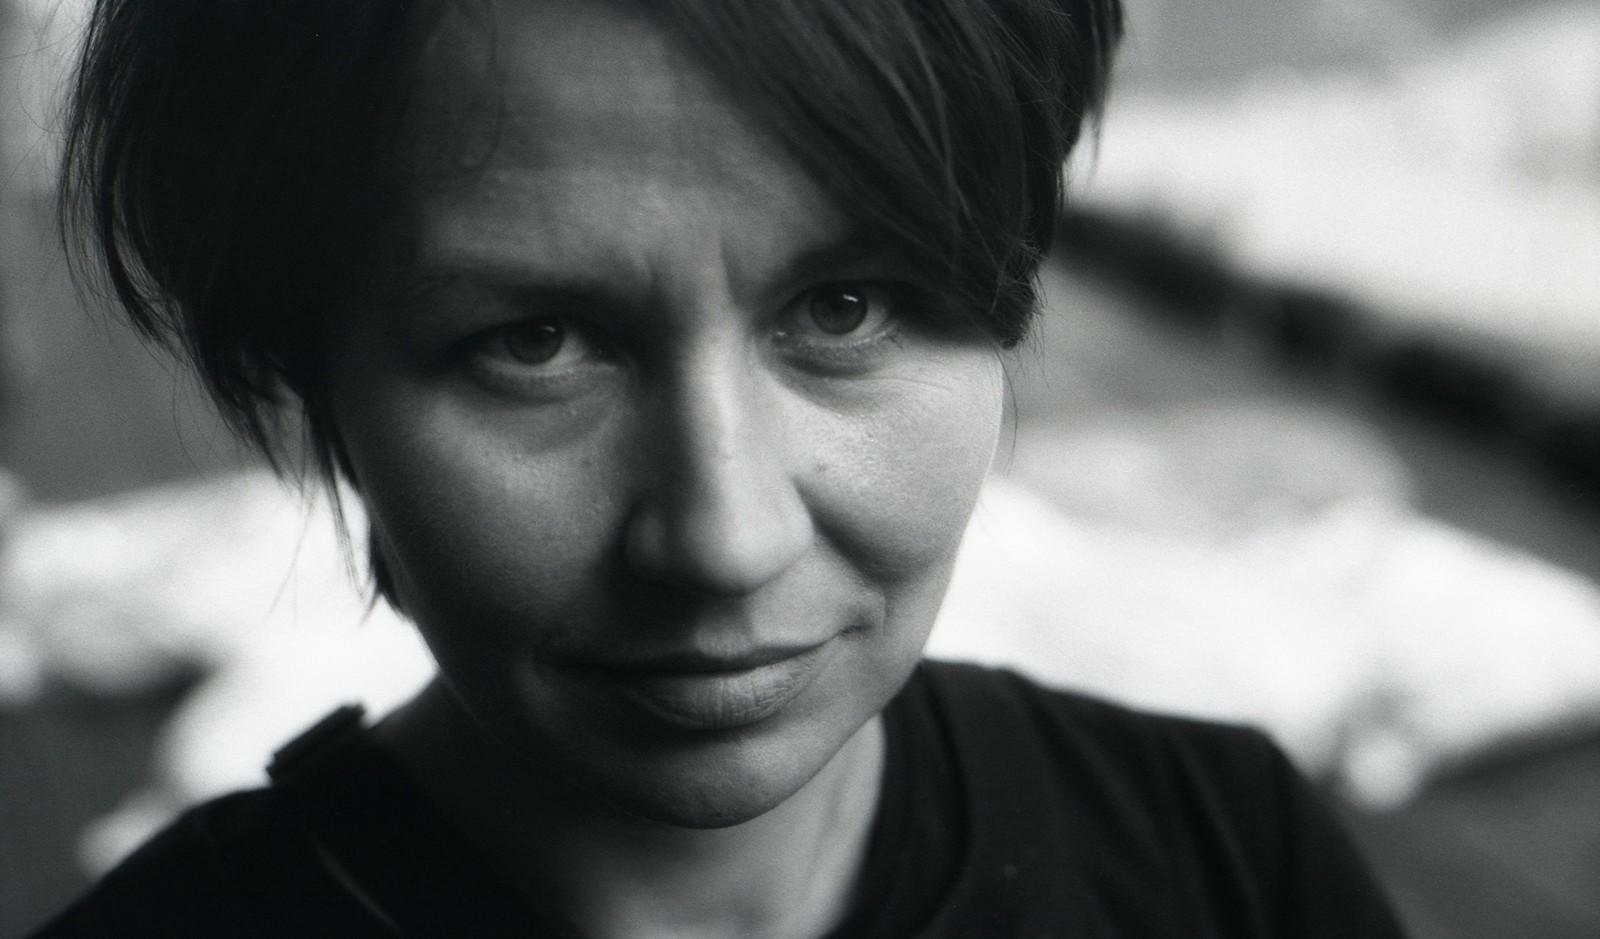 http://mozg.nazwa.pl/mozg_art_pl/archiwum/import/zbyziel/E_Jabłońska-fot_ZbyZiel-2012_08_26-013.jpg